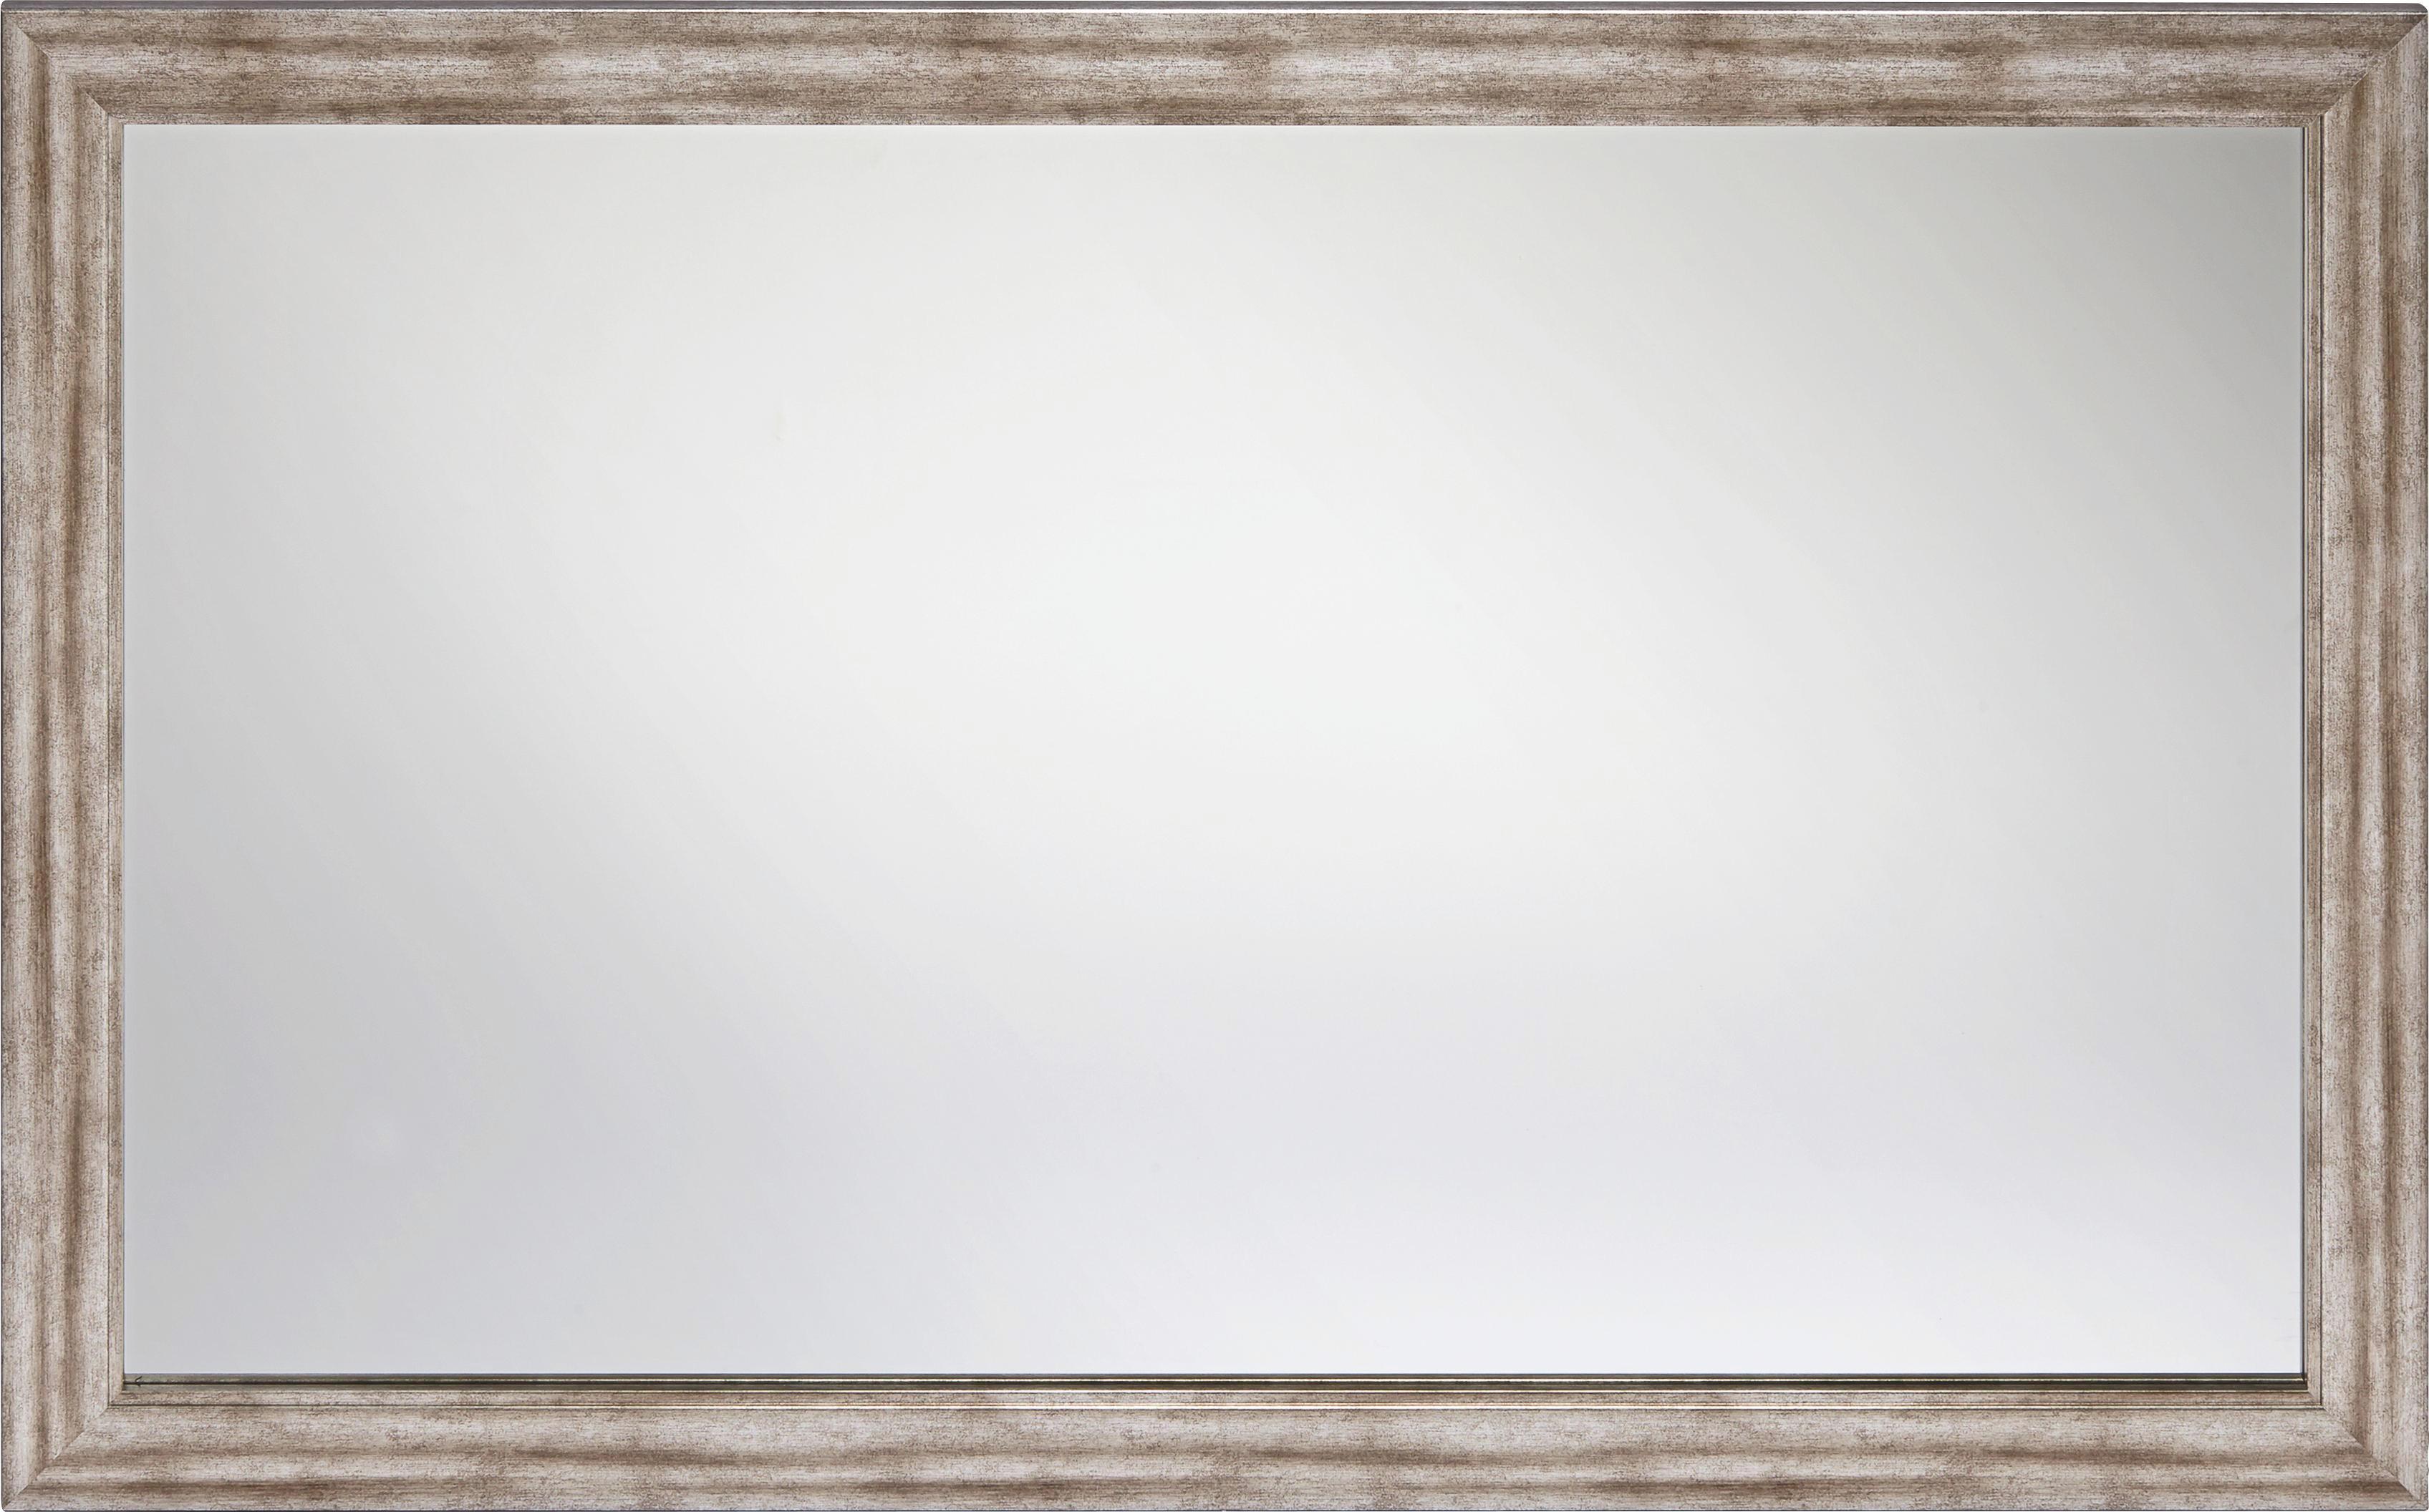 Fali Tükör Metallic - nikkel színű/ezüst színű, faanyagok (70/110cm)